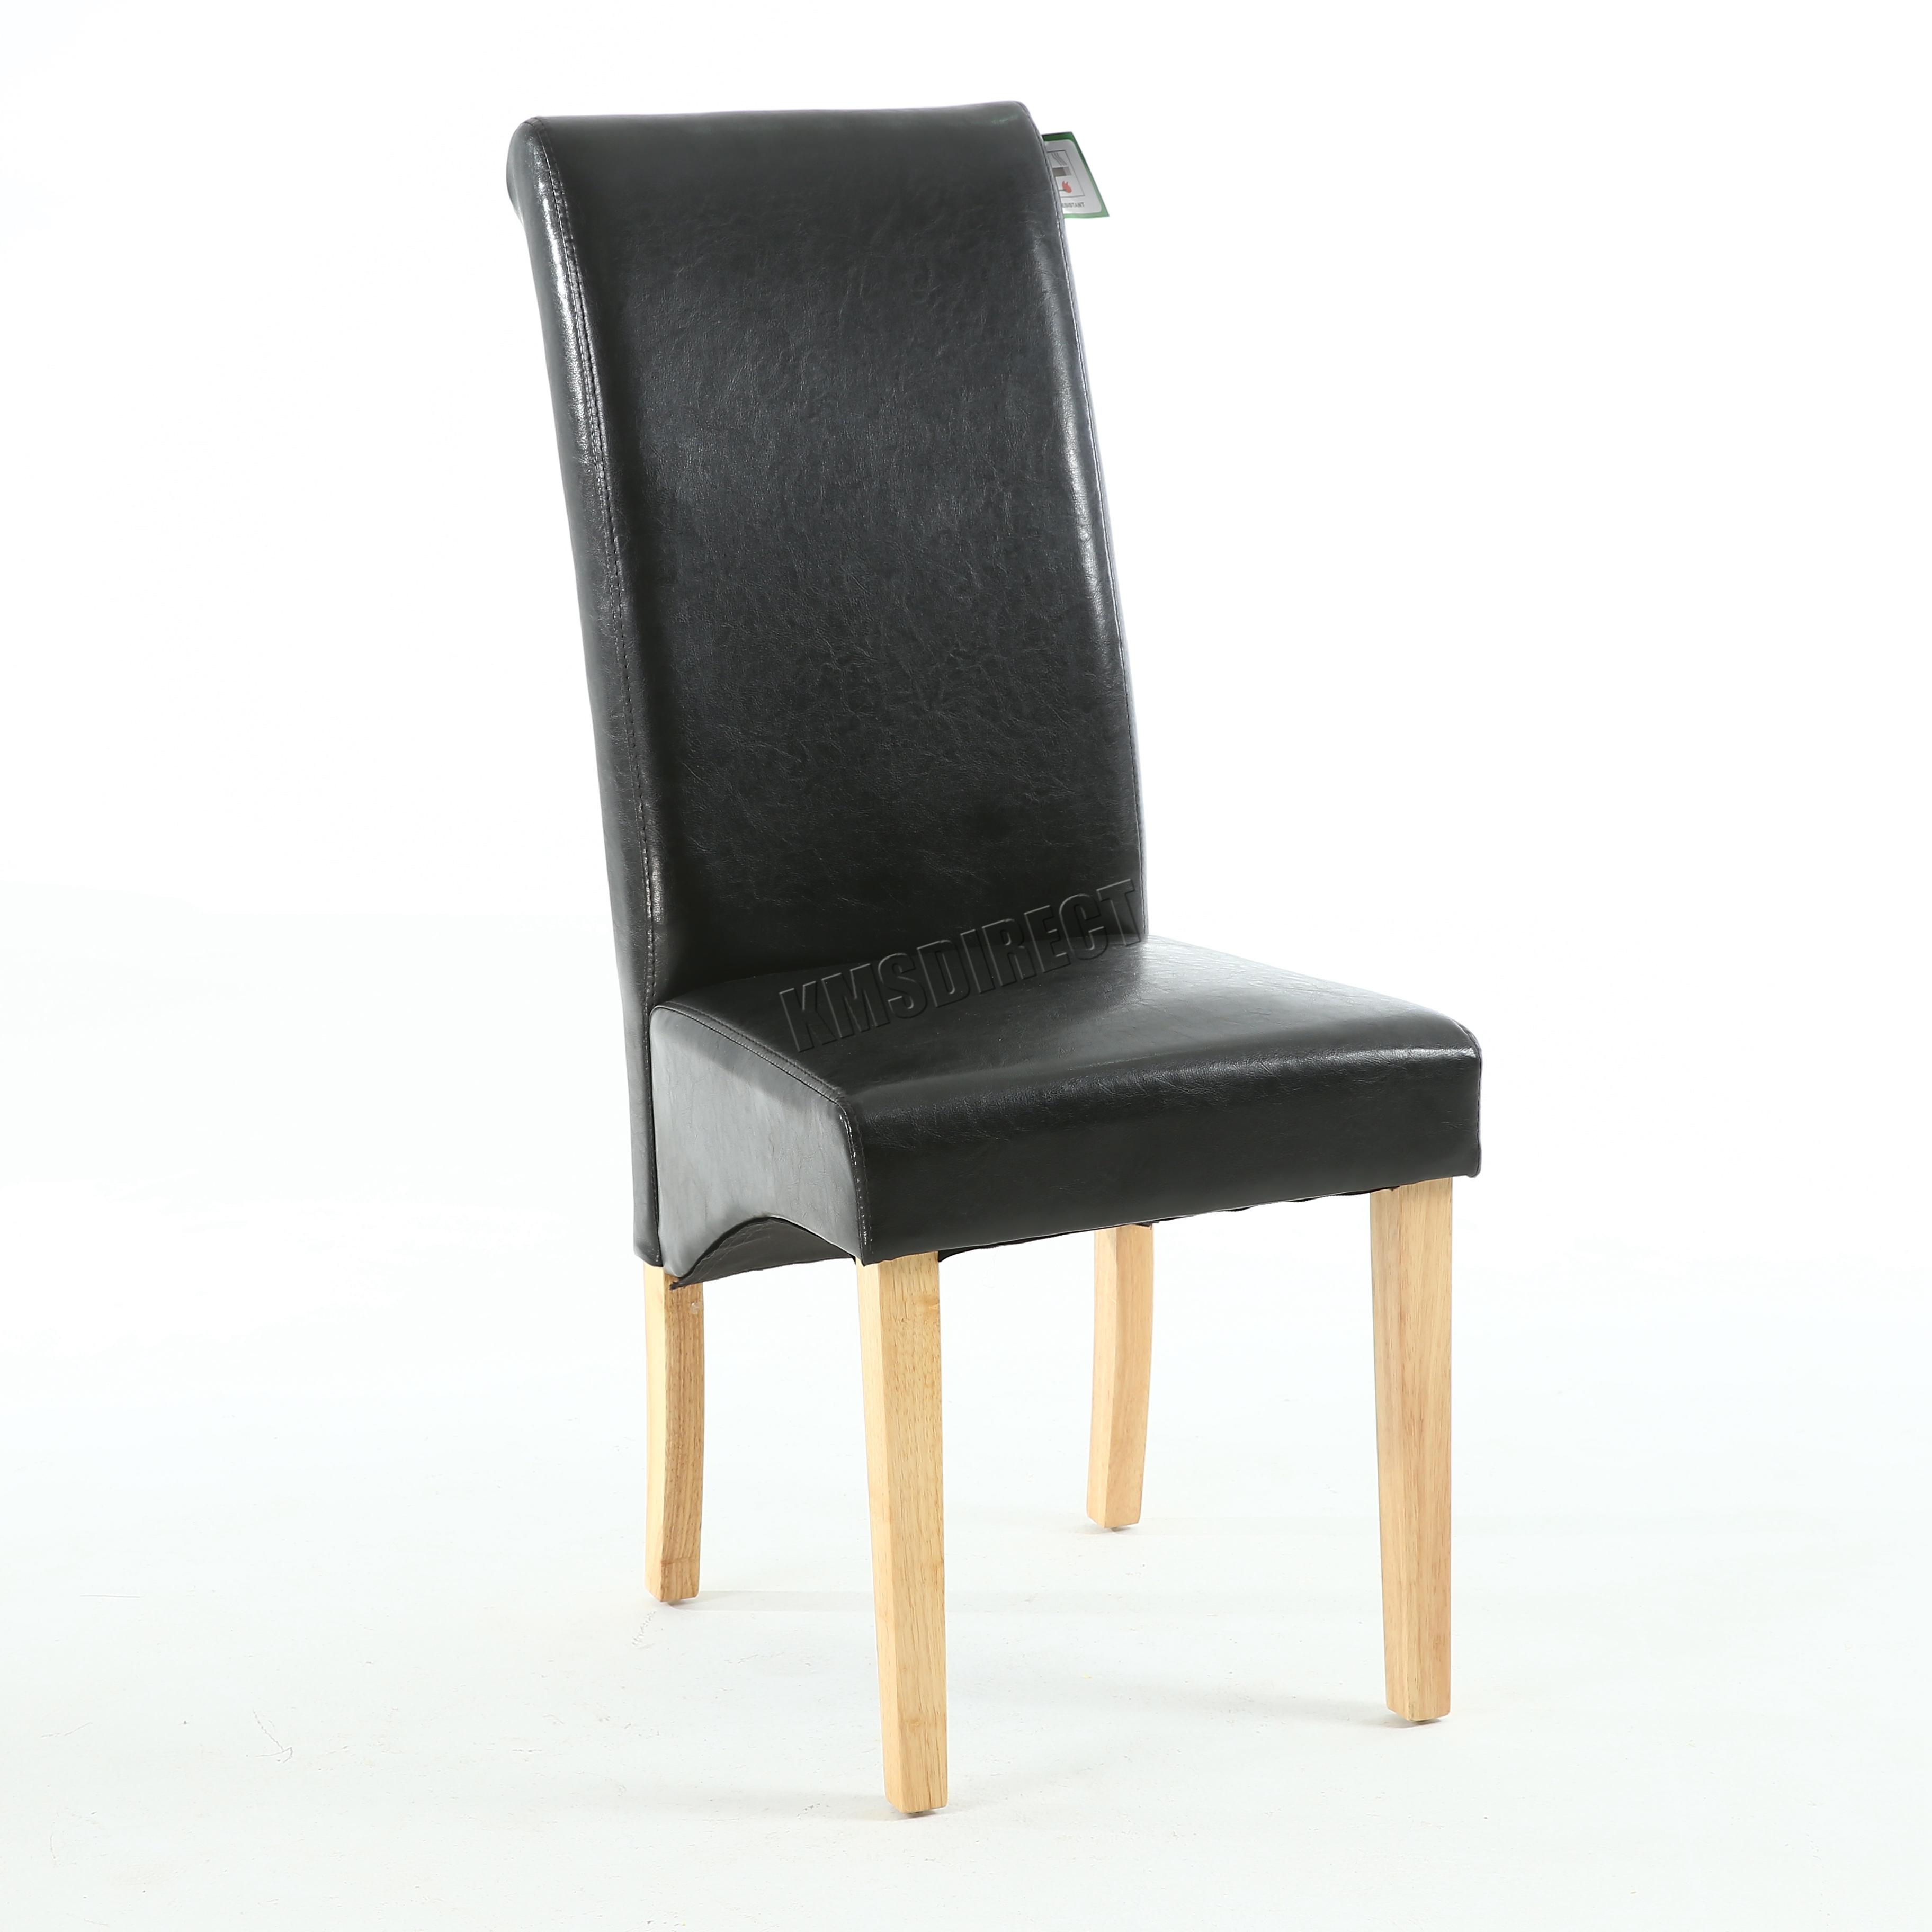 Simili cuir noir chaise salle manger rouleau haut for Chaise de salle a manger trackid sp 006